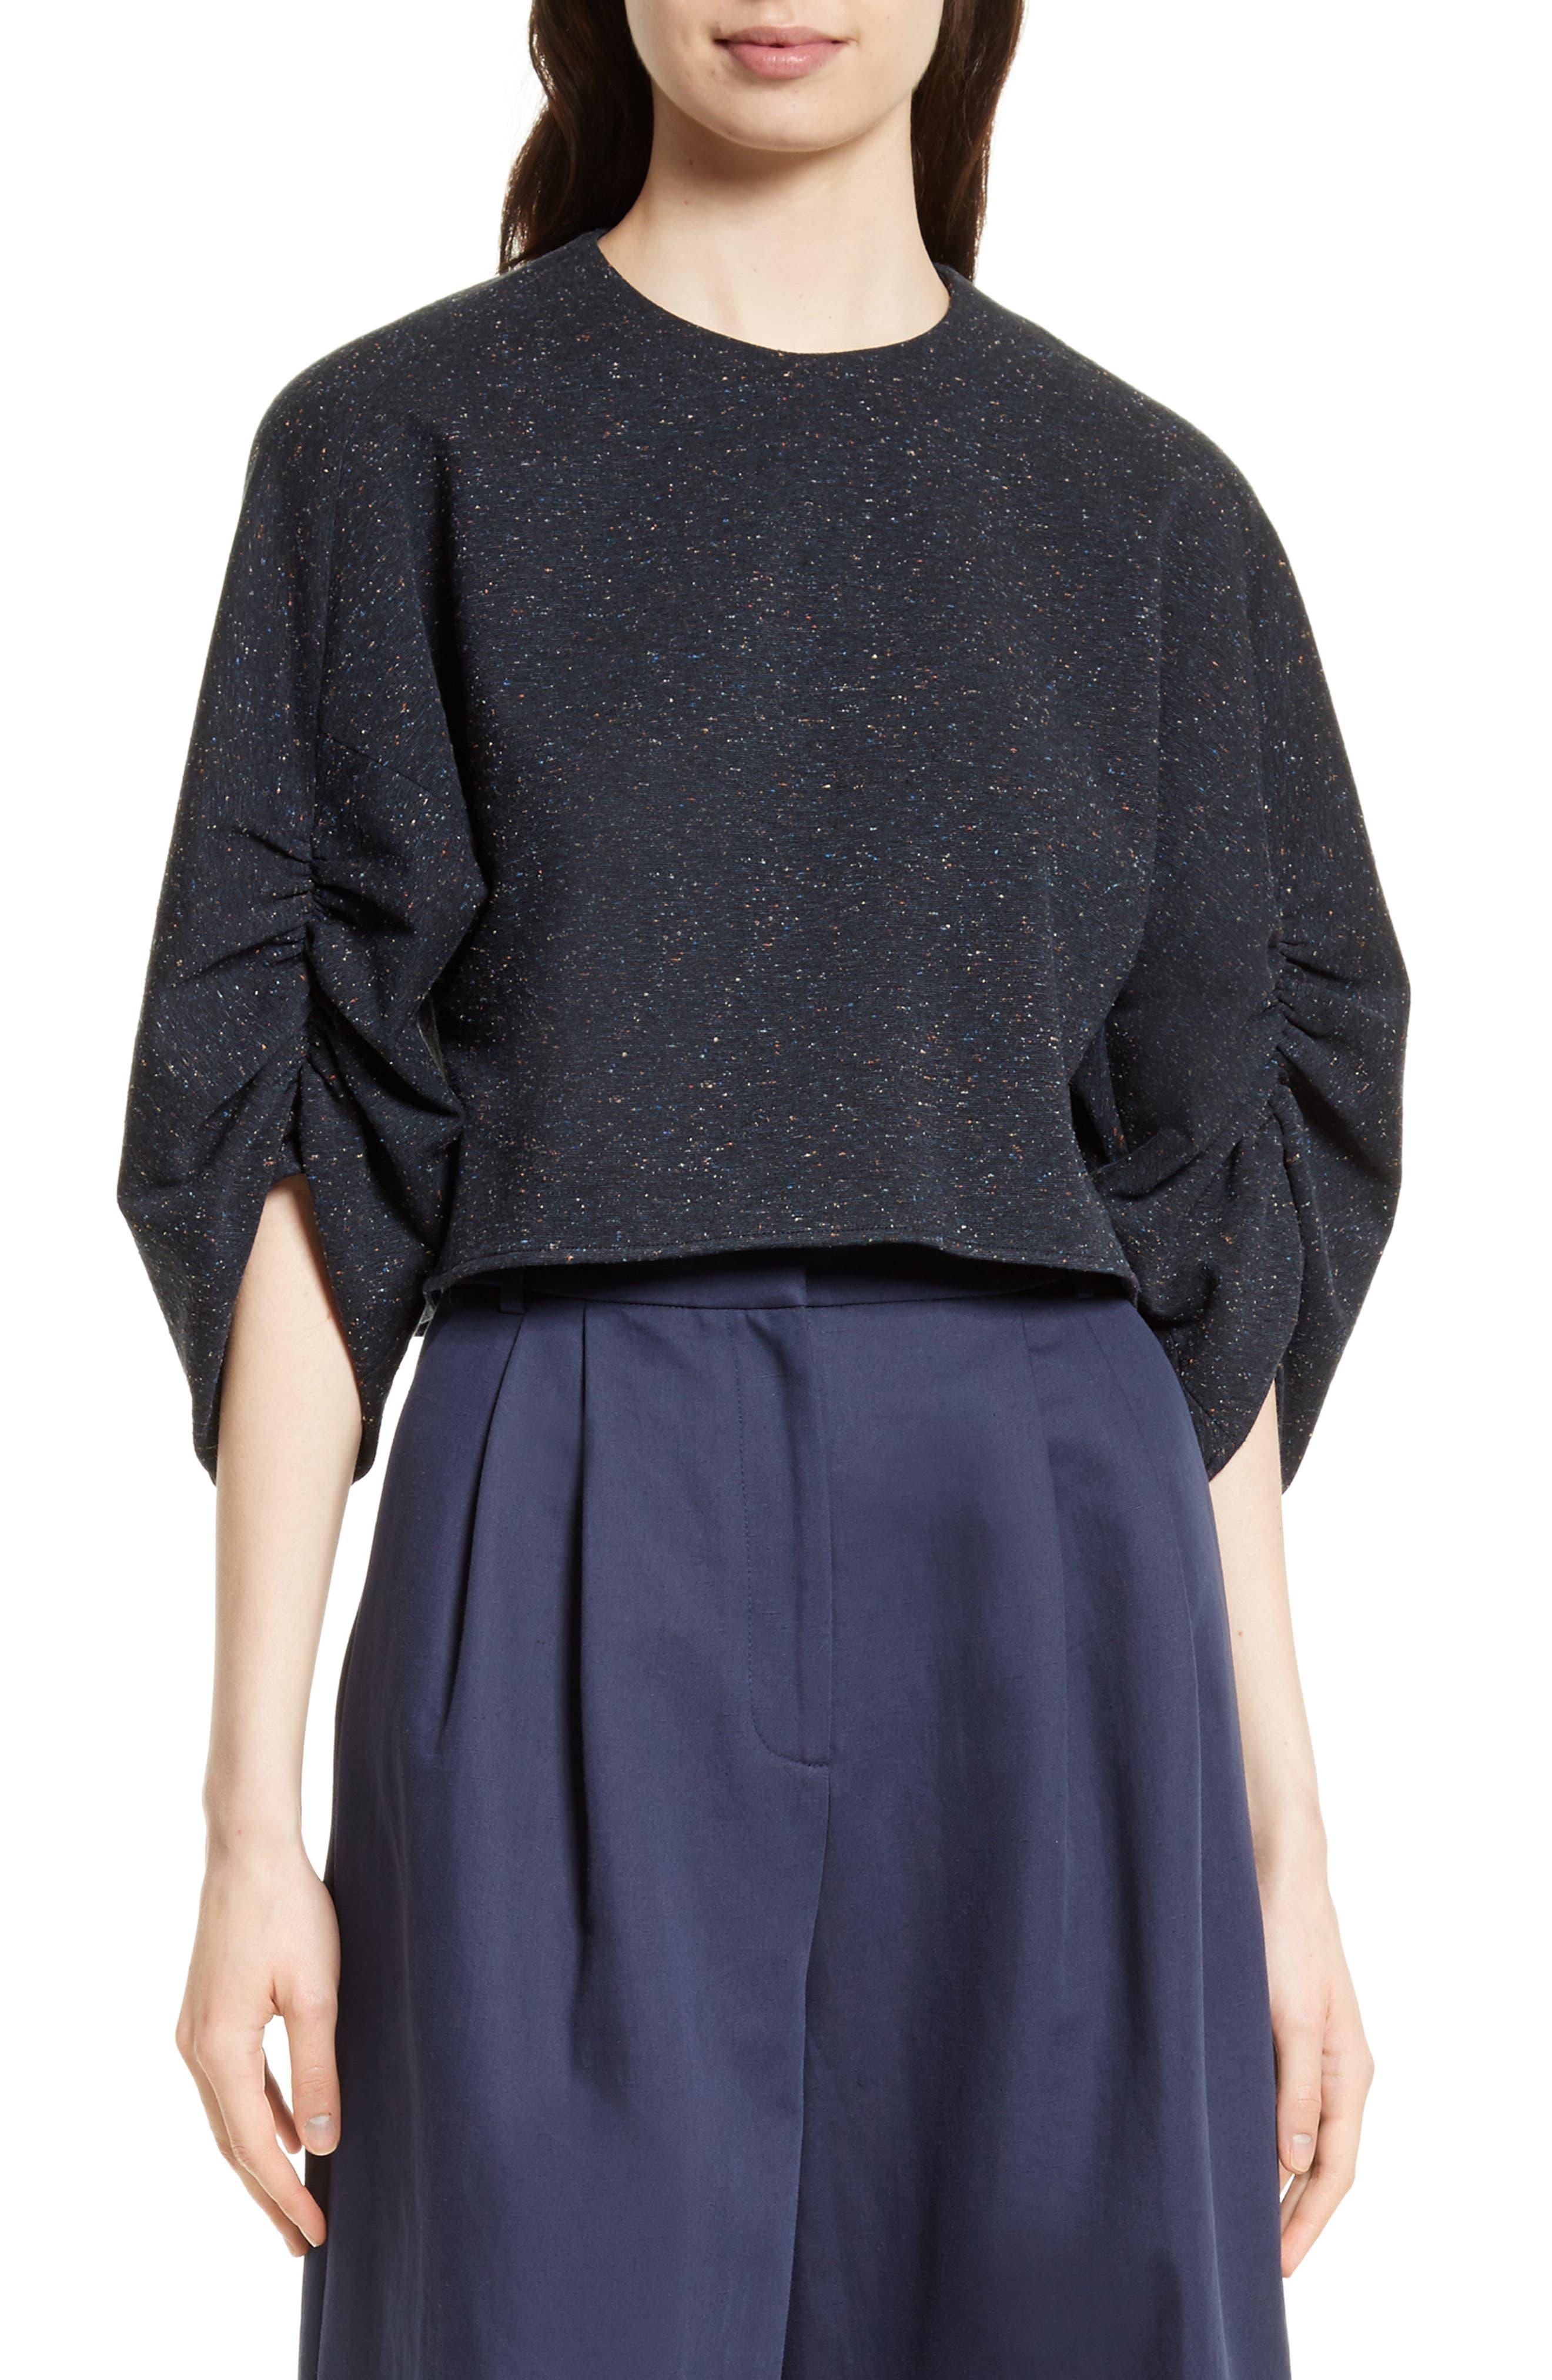 Main Image - Tibi Imogen Tweed Top